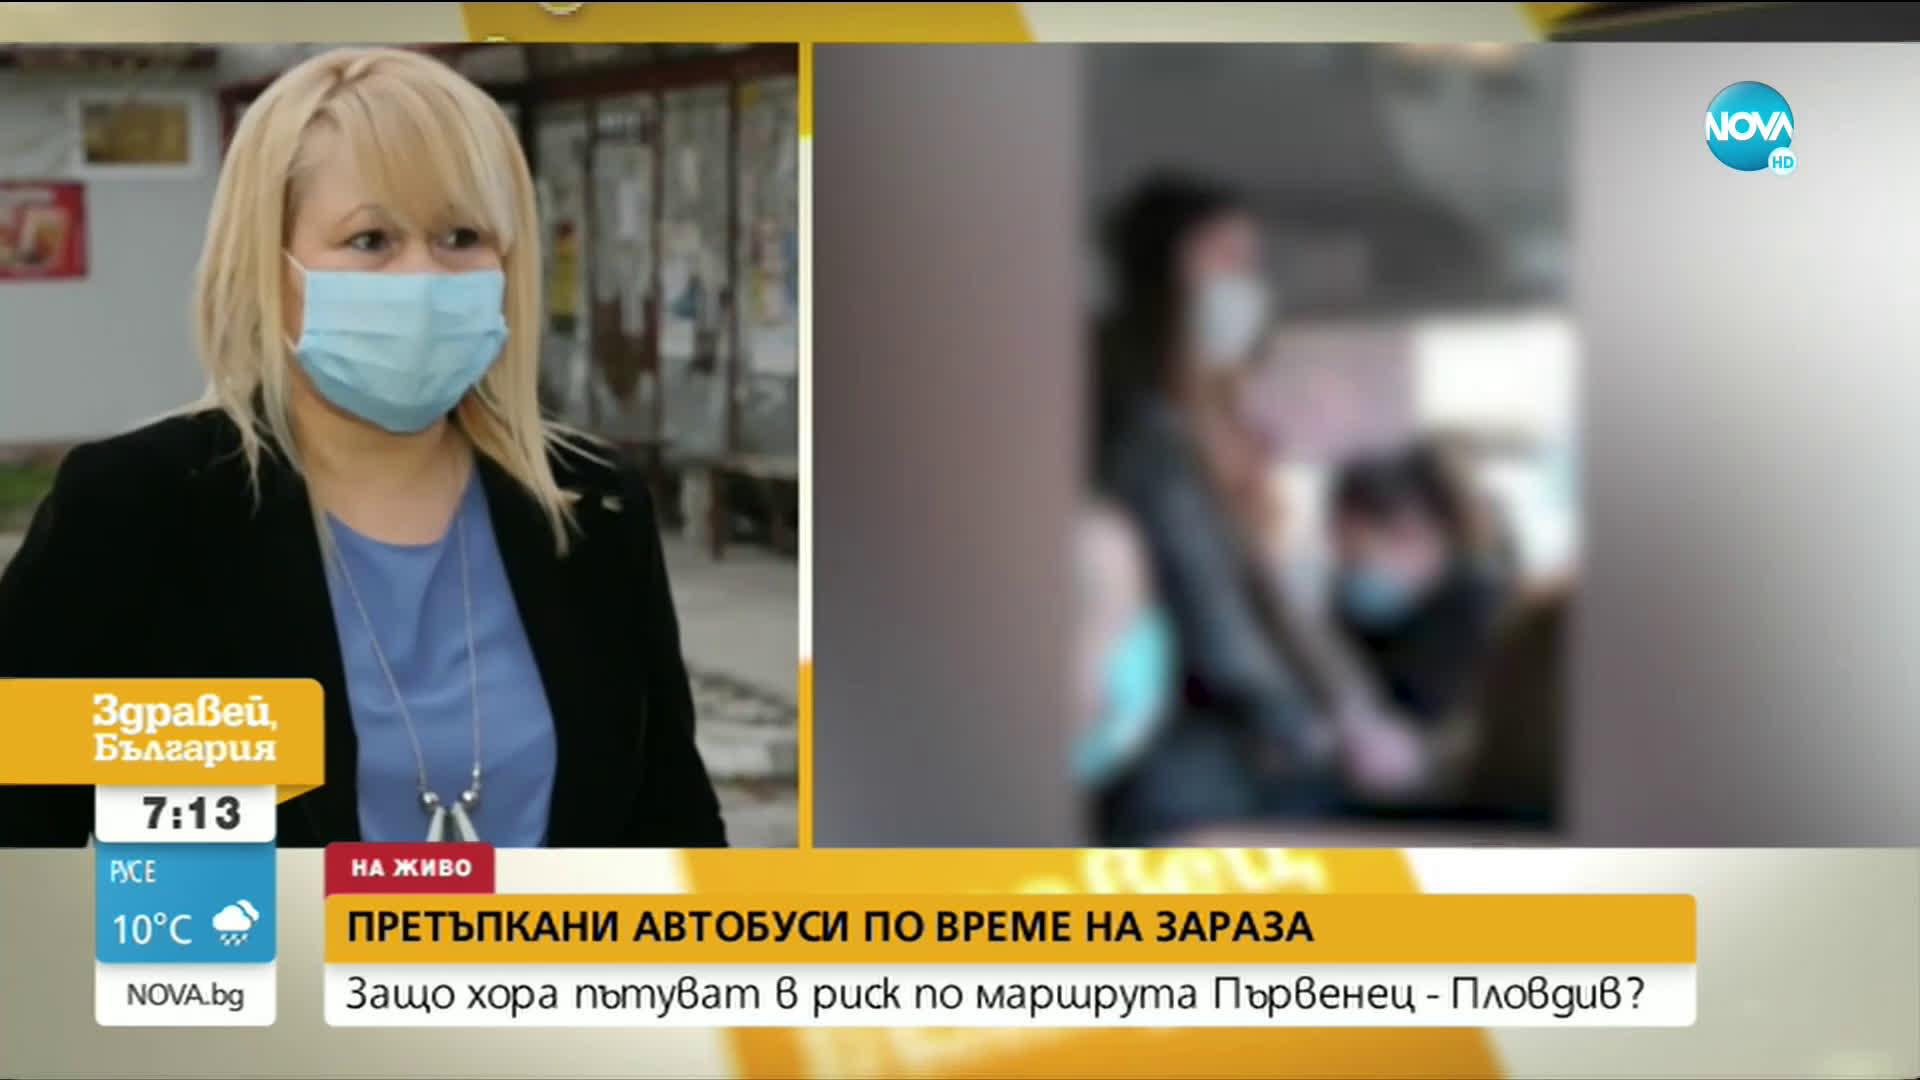 Защо хора пътуват в риск по маршрута Първенец – Пловдив?